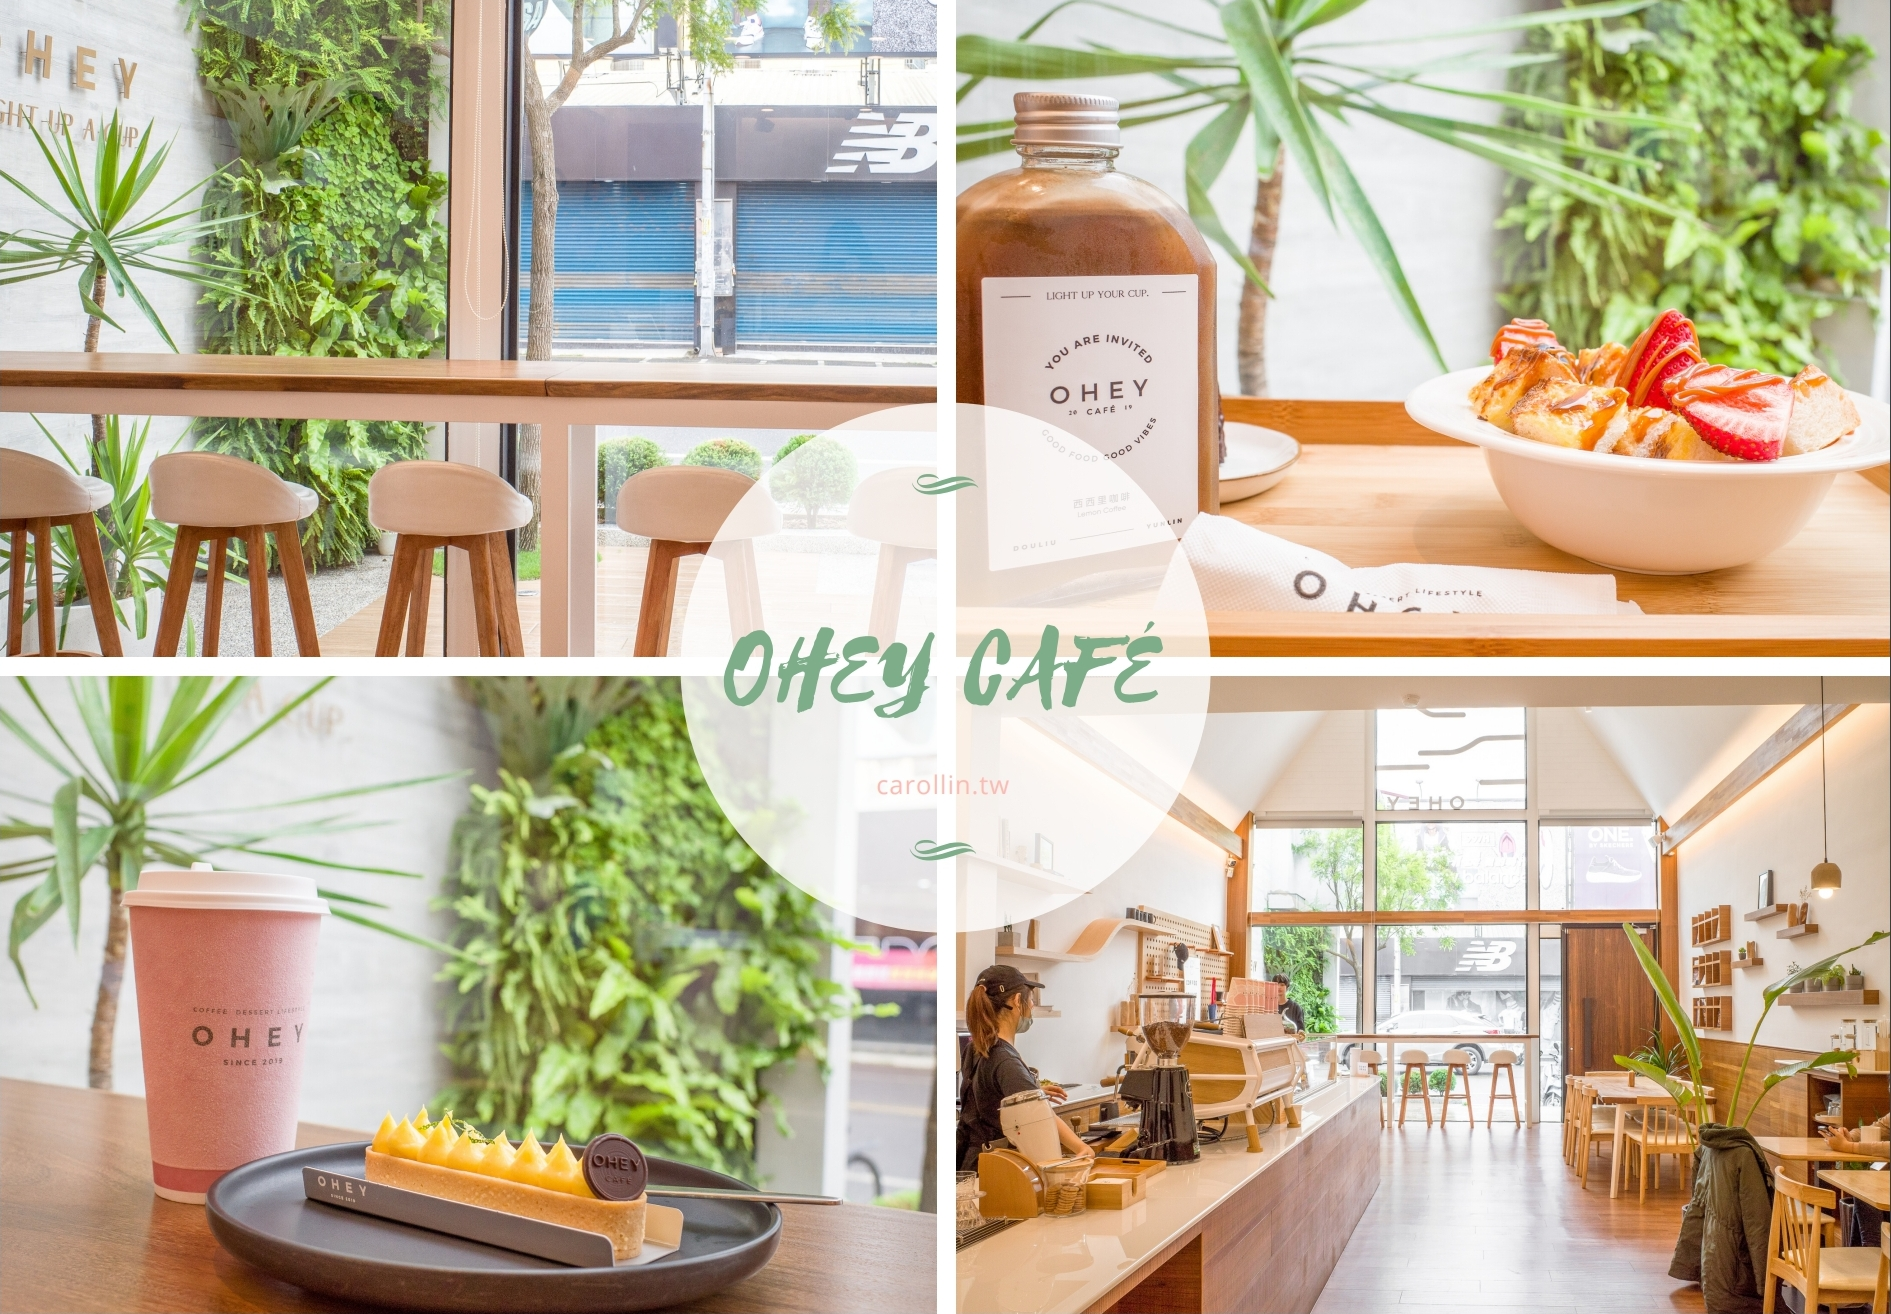 雲林斗六美食 | OHEY CAFE – 超好拍玻璃屋咖啡店!甜點精緻又好吃